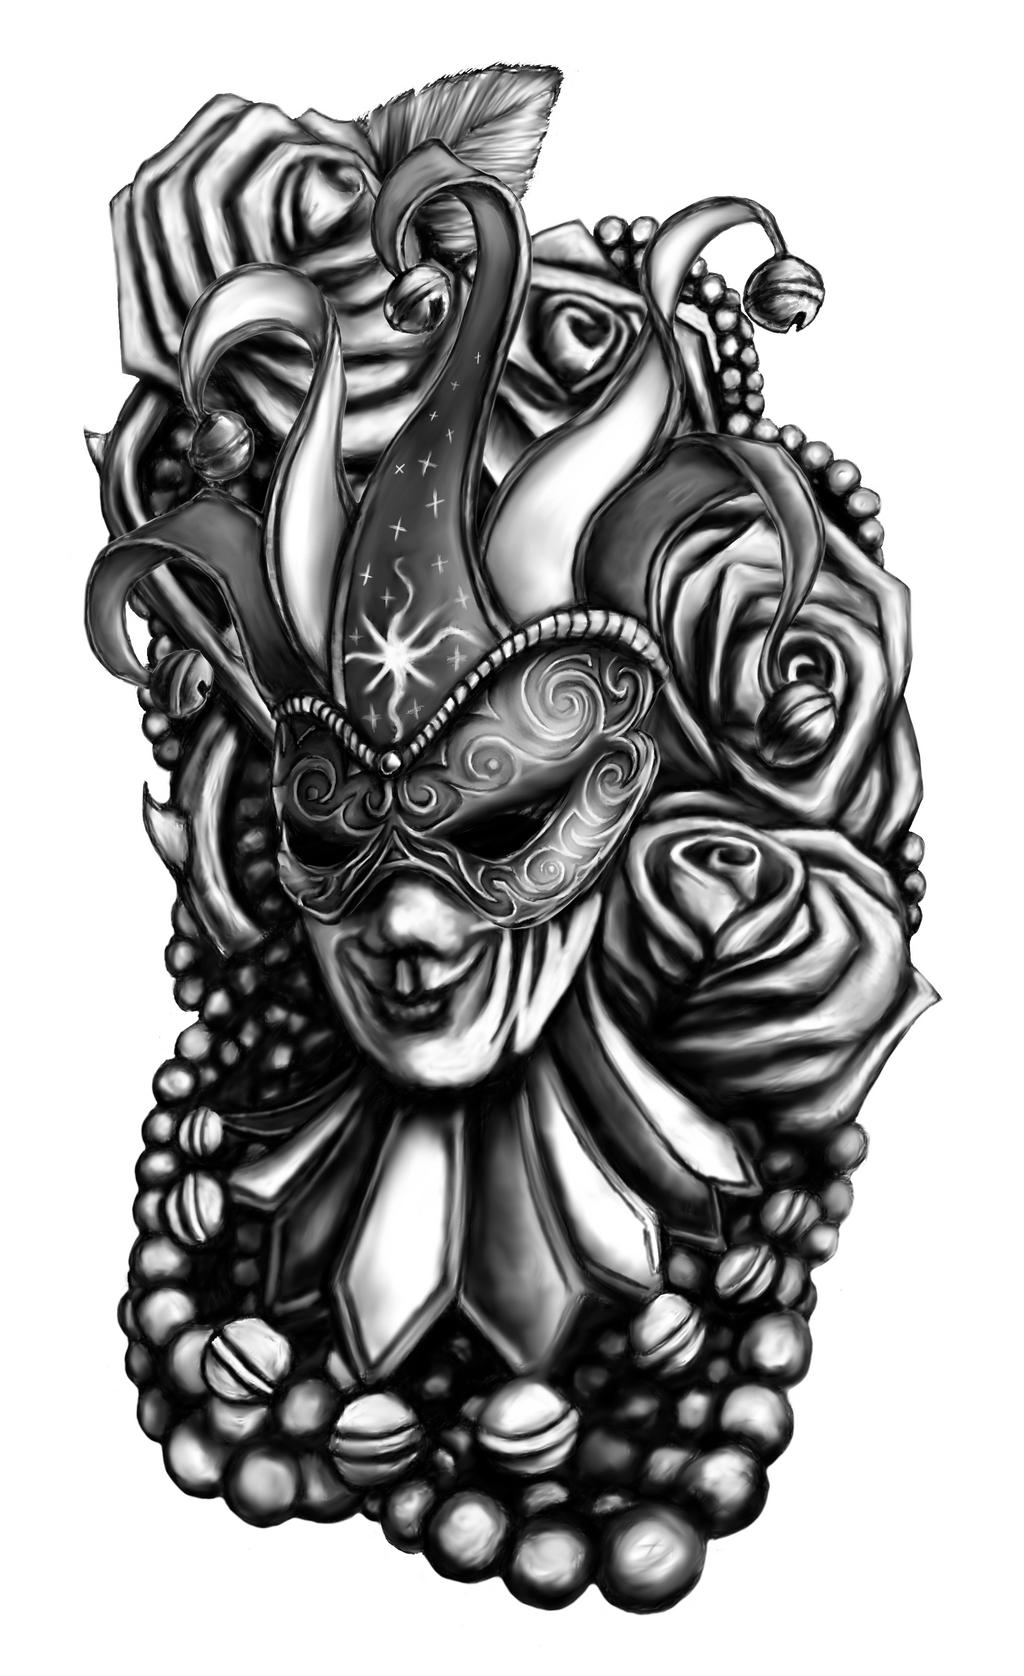 Mardi gras tattoo design by el be on deviantart for Mardi gras mask tattoo